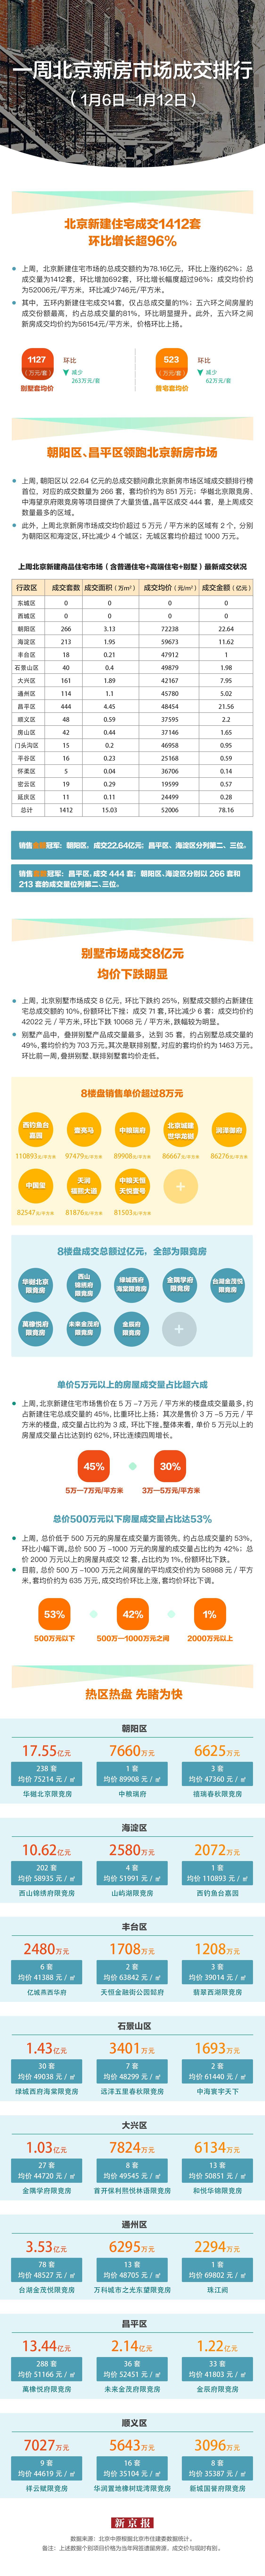 上周北京新建住宅成交78亿 8个限竞房项目成交额均破图片